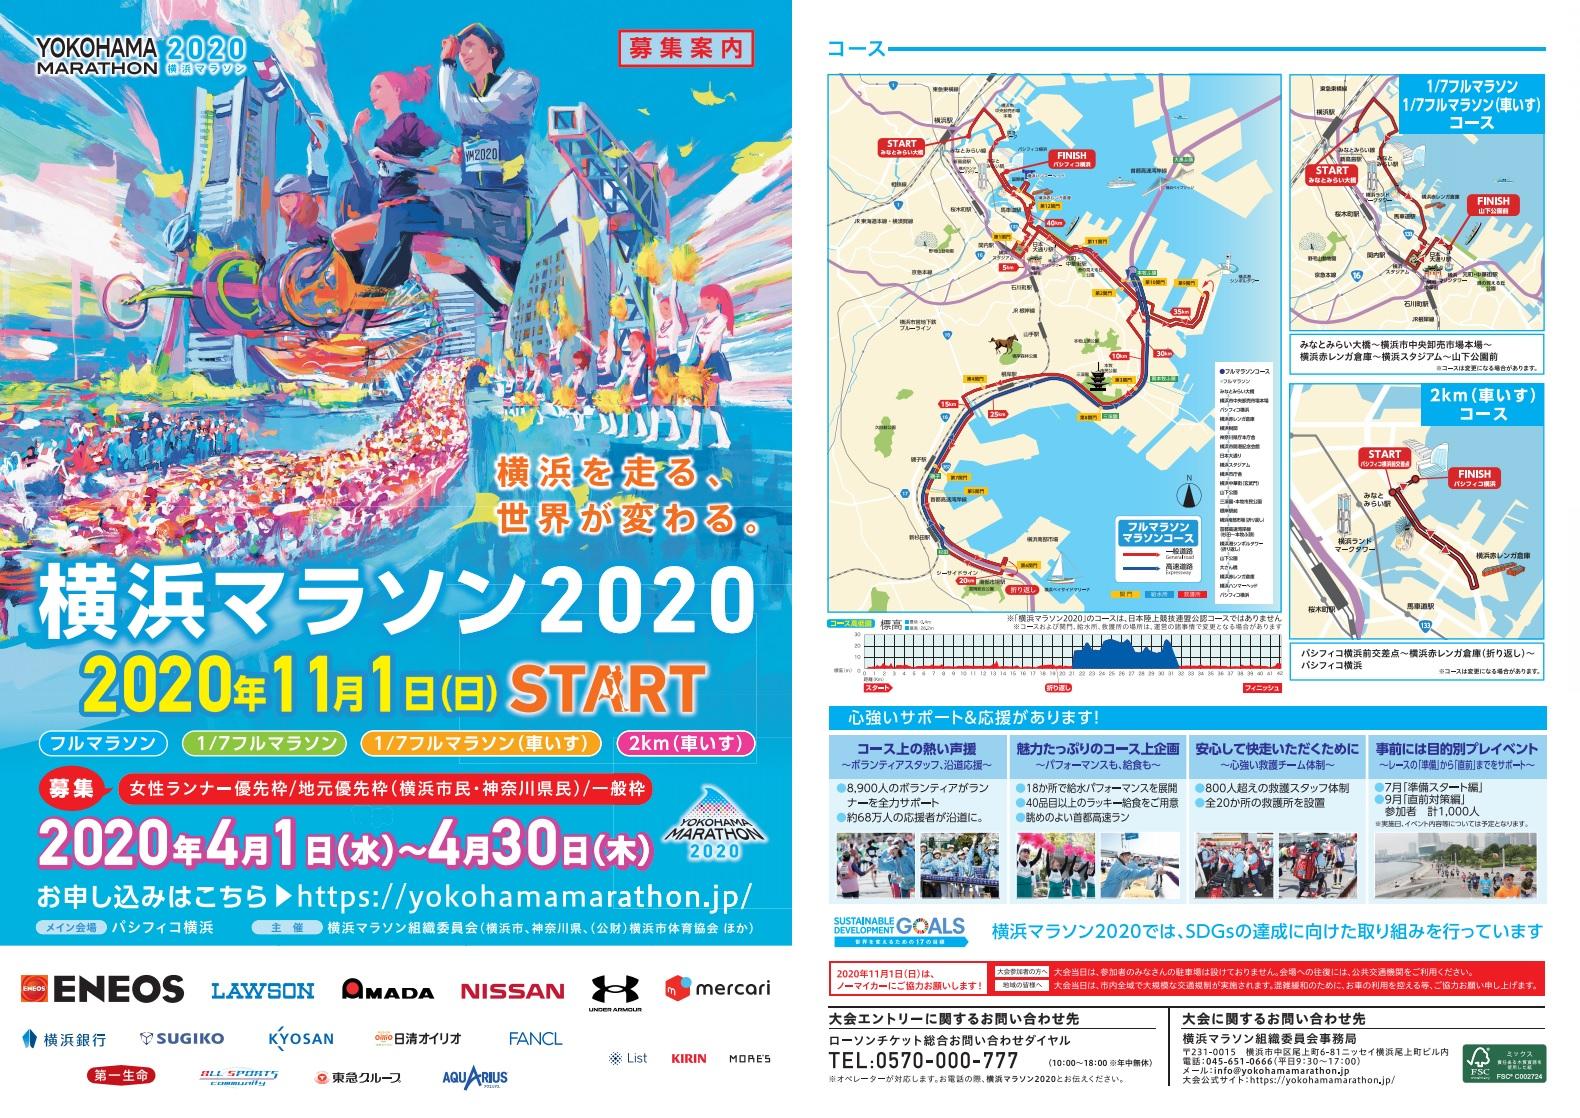 横浜マラソン2020結果速報・エントリー・日程コース